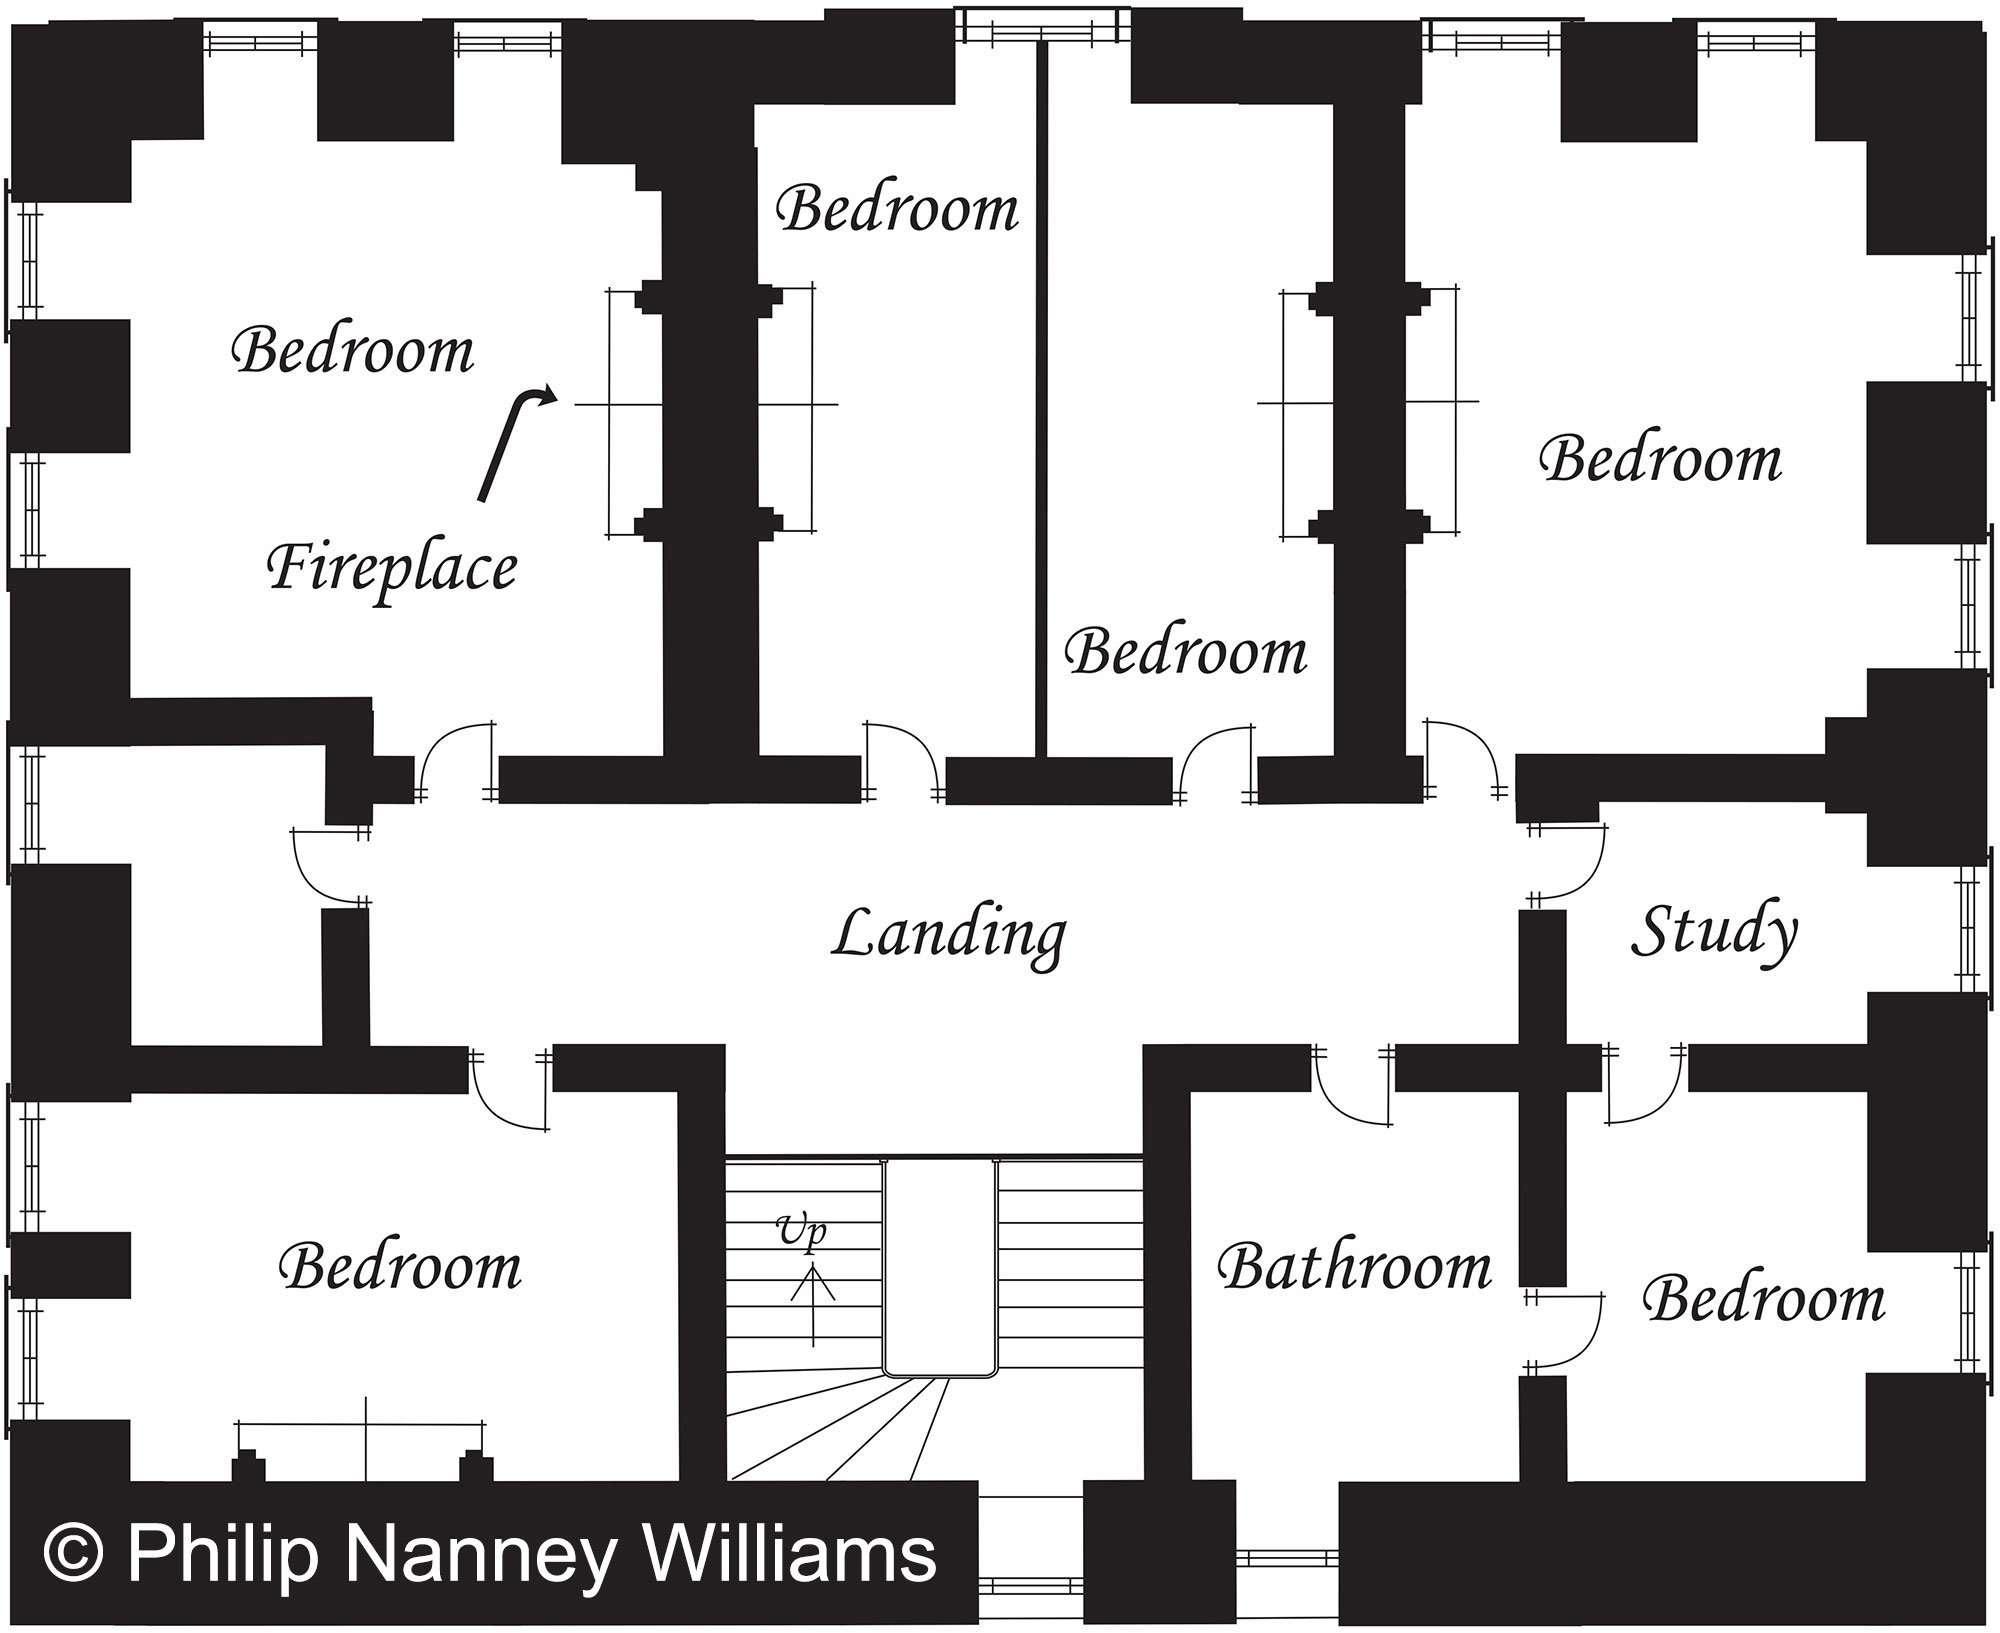 Second Floor - © Philip Nanney Williams